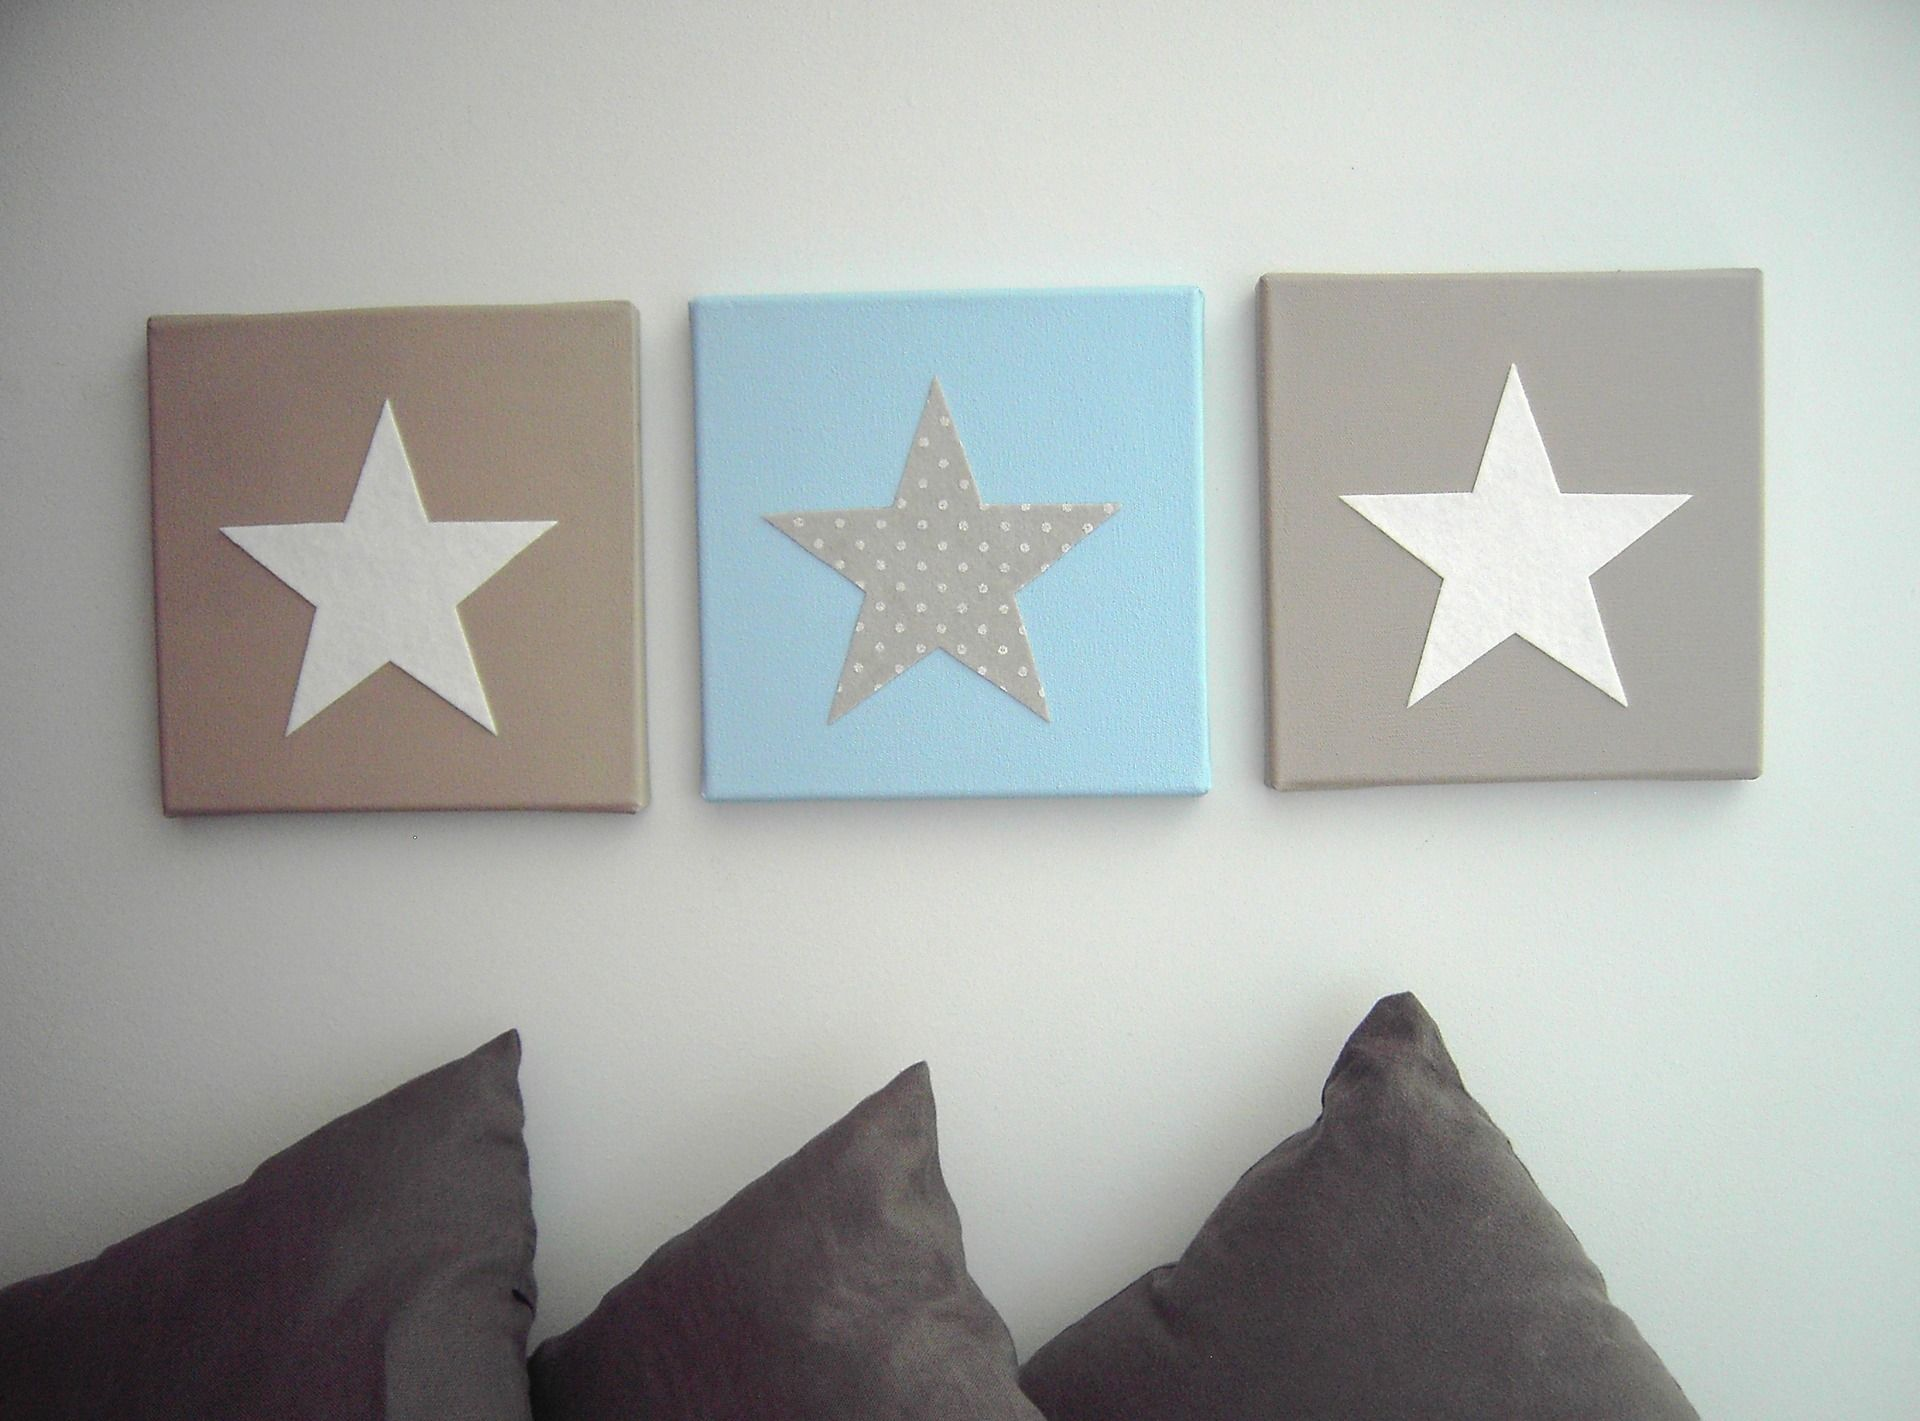 Tableau triptyque toiles bleu blanc taupe chambre d for Decoration chambre etoile